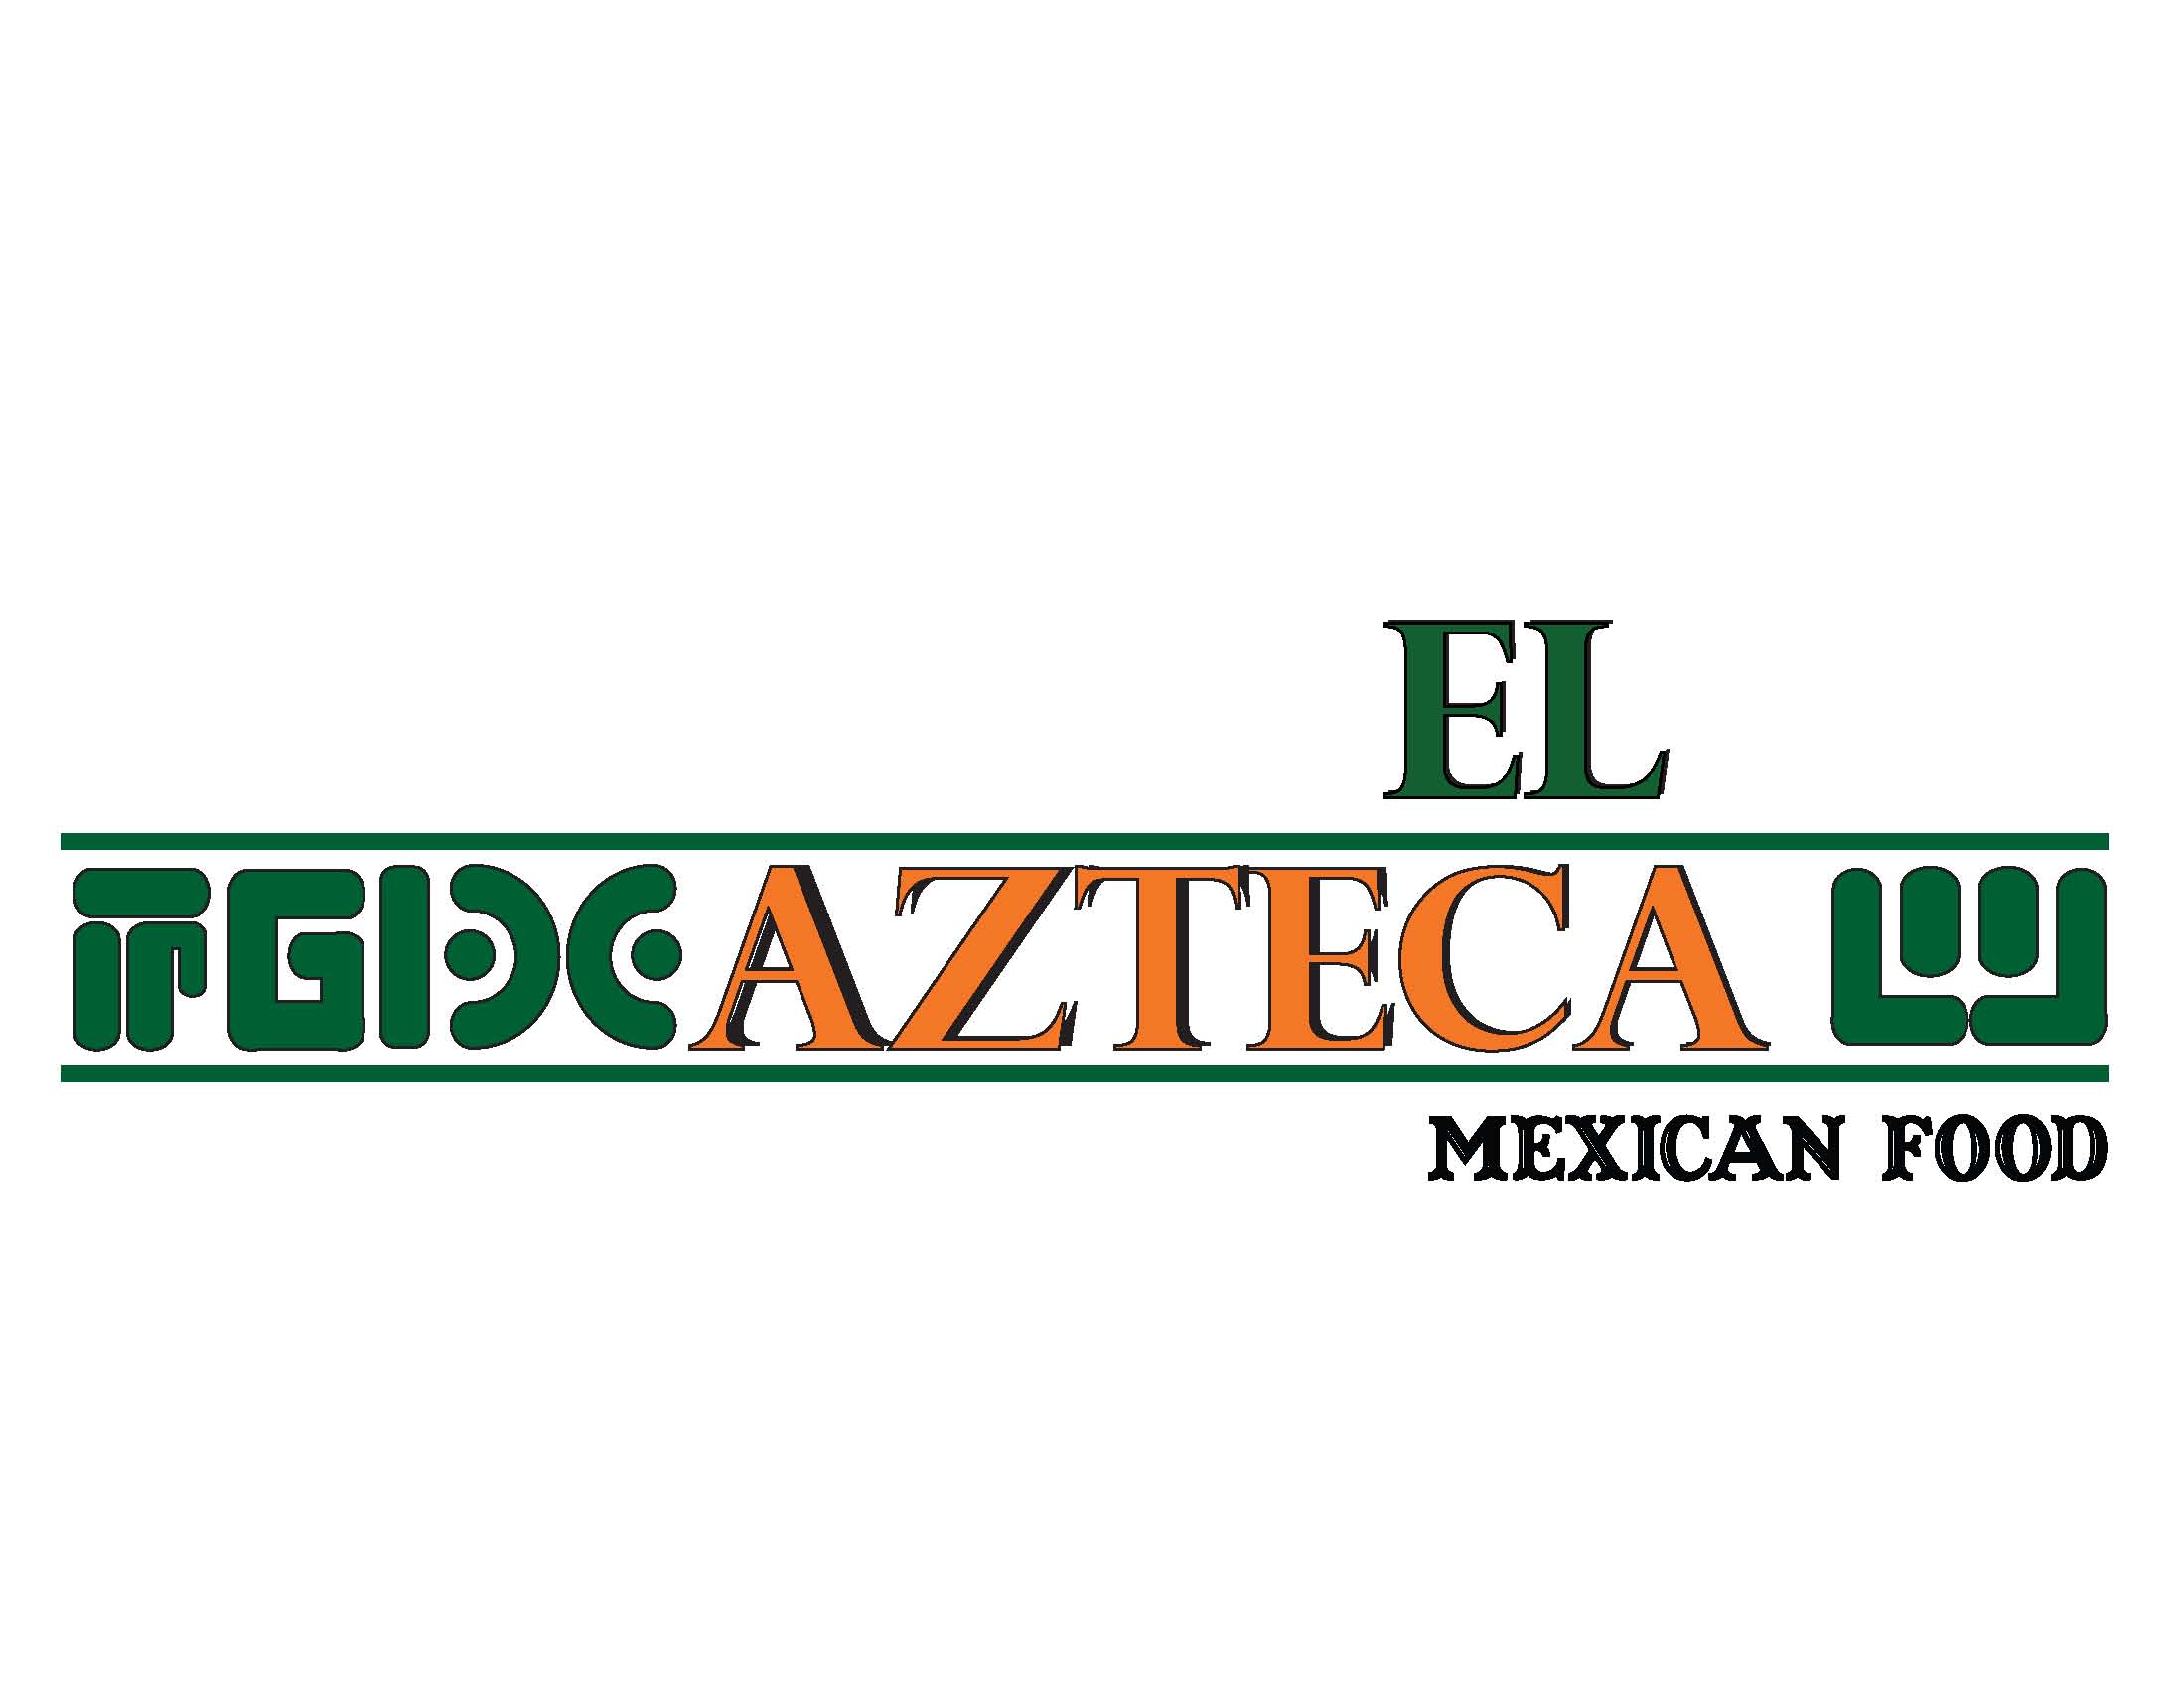 El Azteca Mexican Food